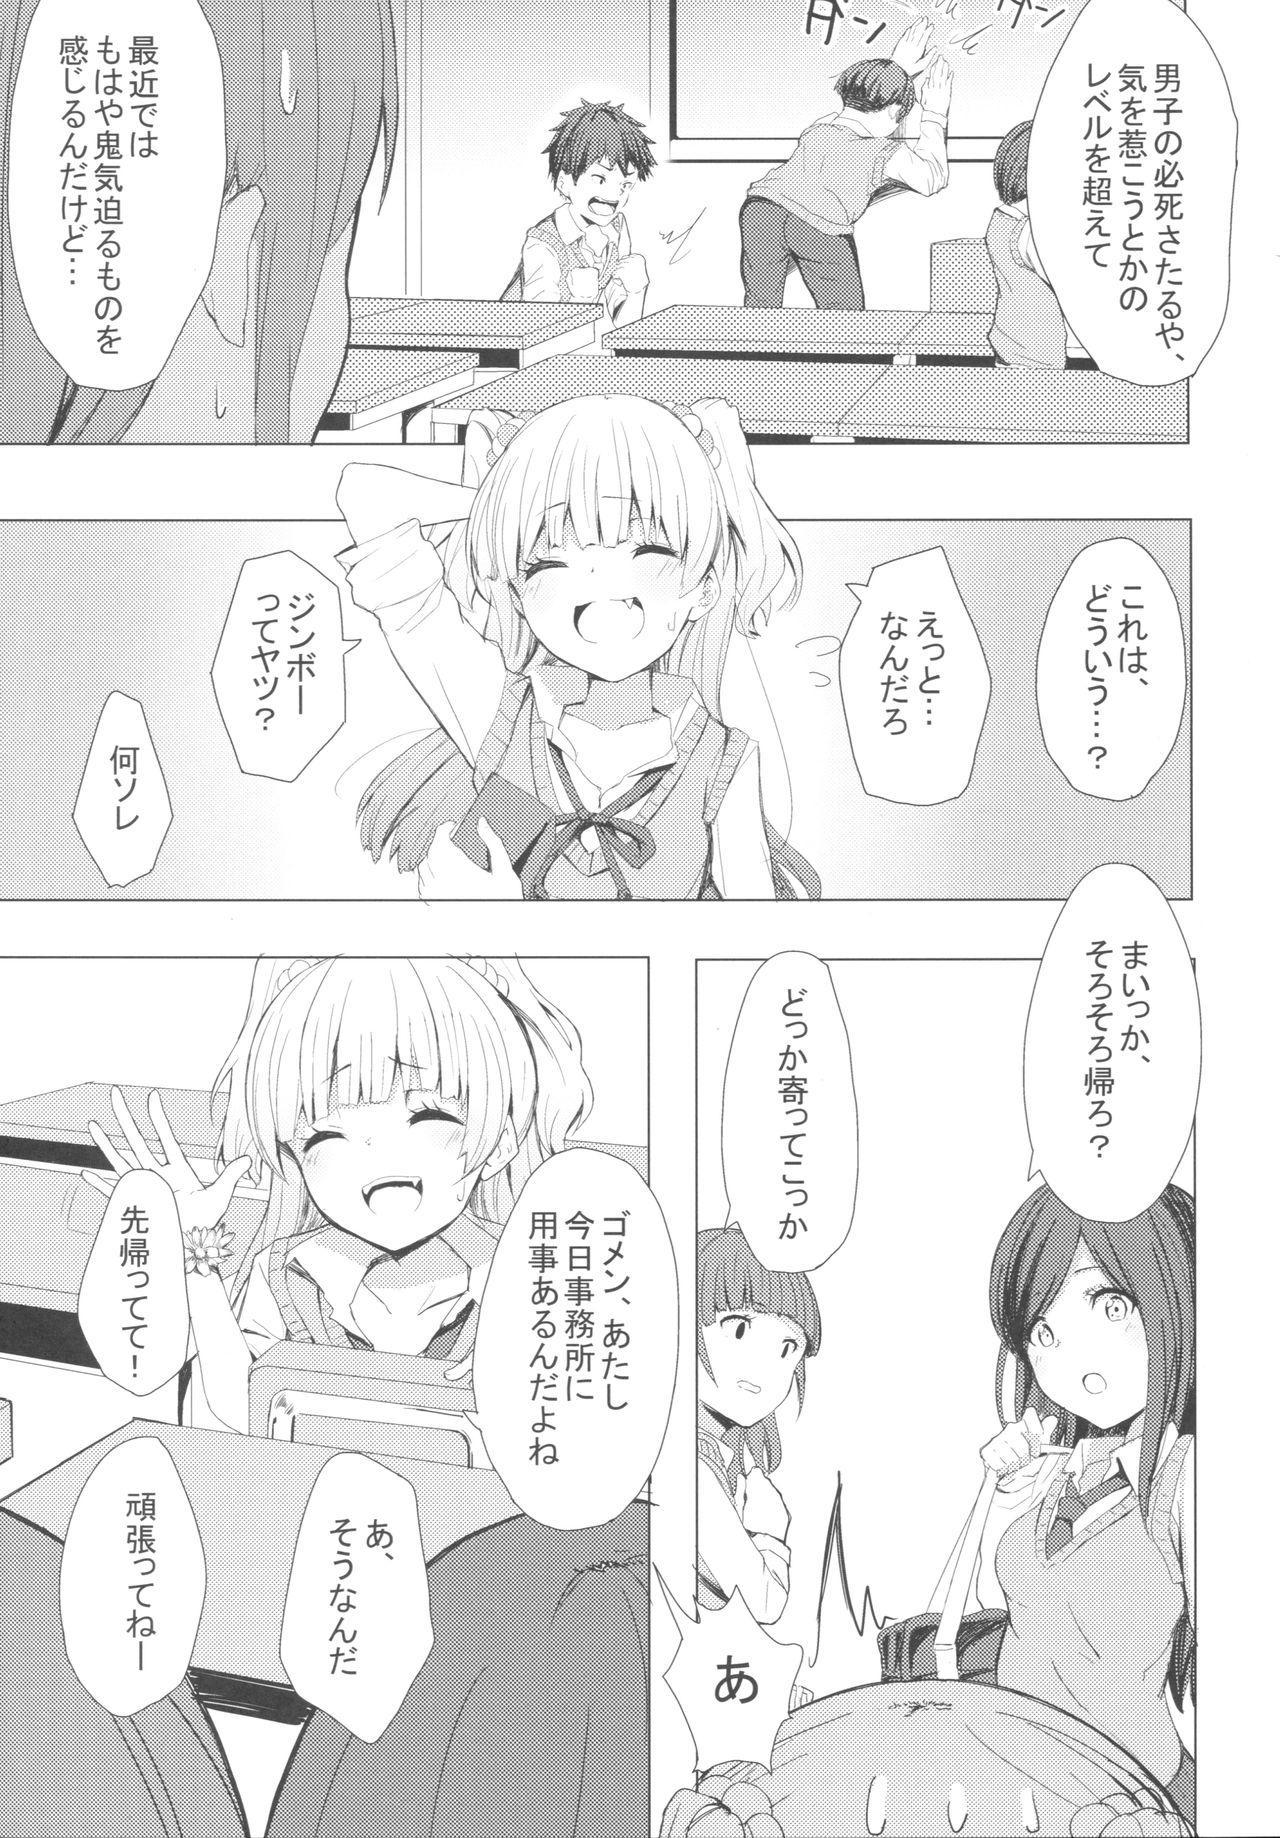 Danshi to Asobo 3